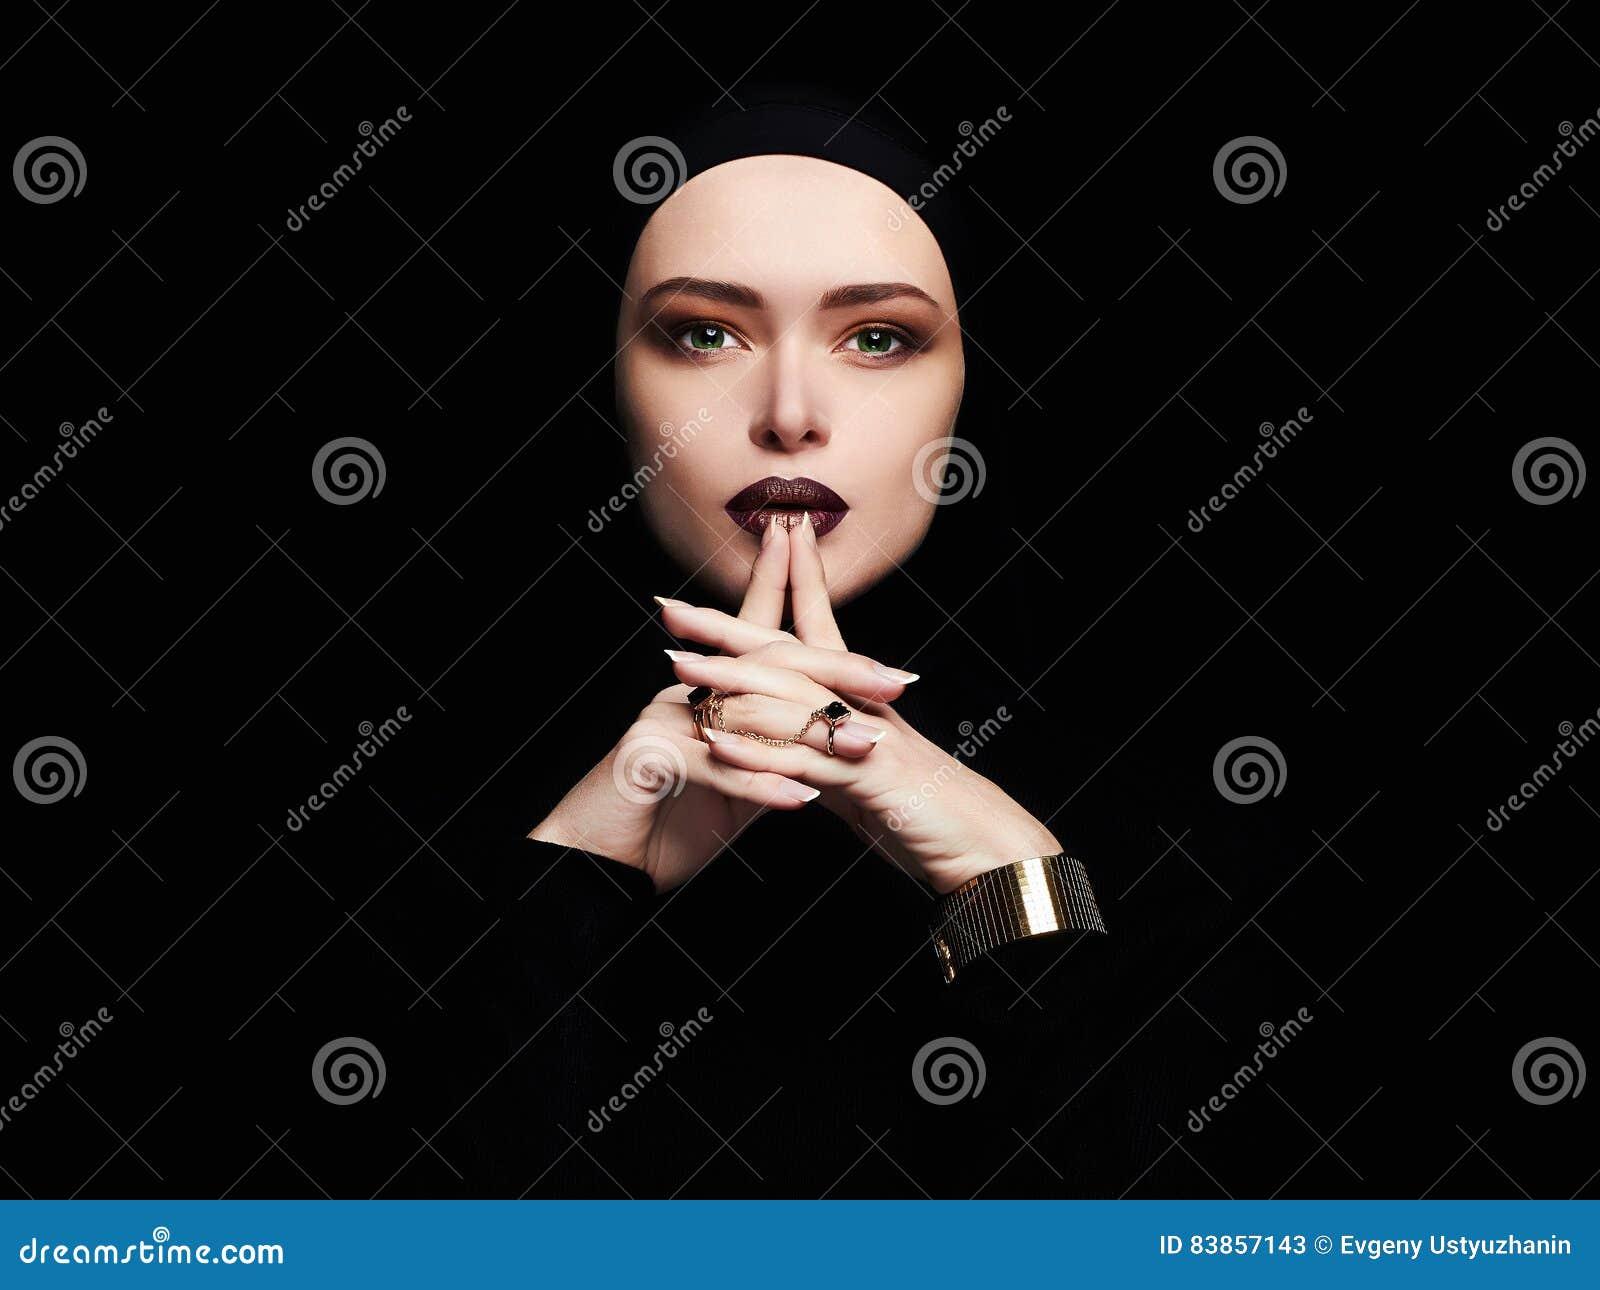 Beautiful woman,gold jewelry.face like a mask